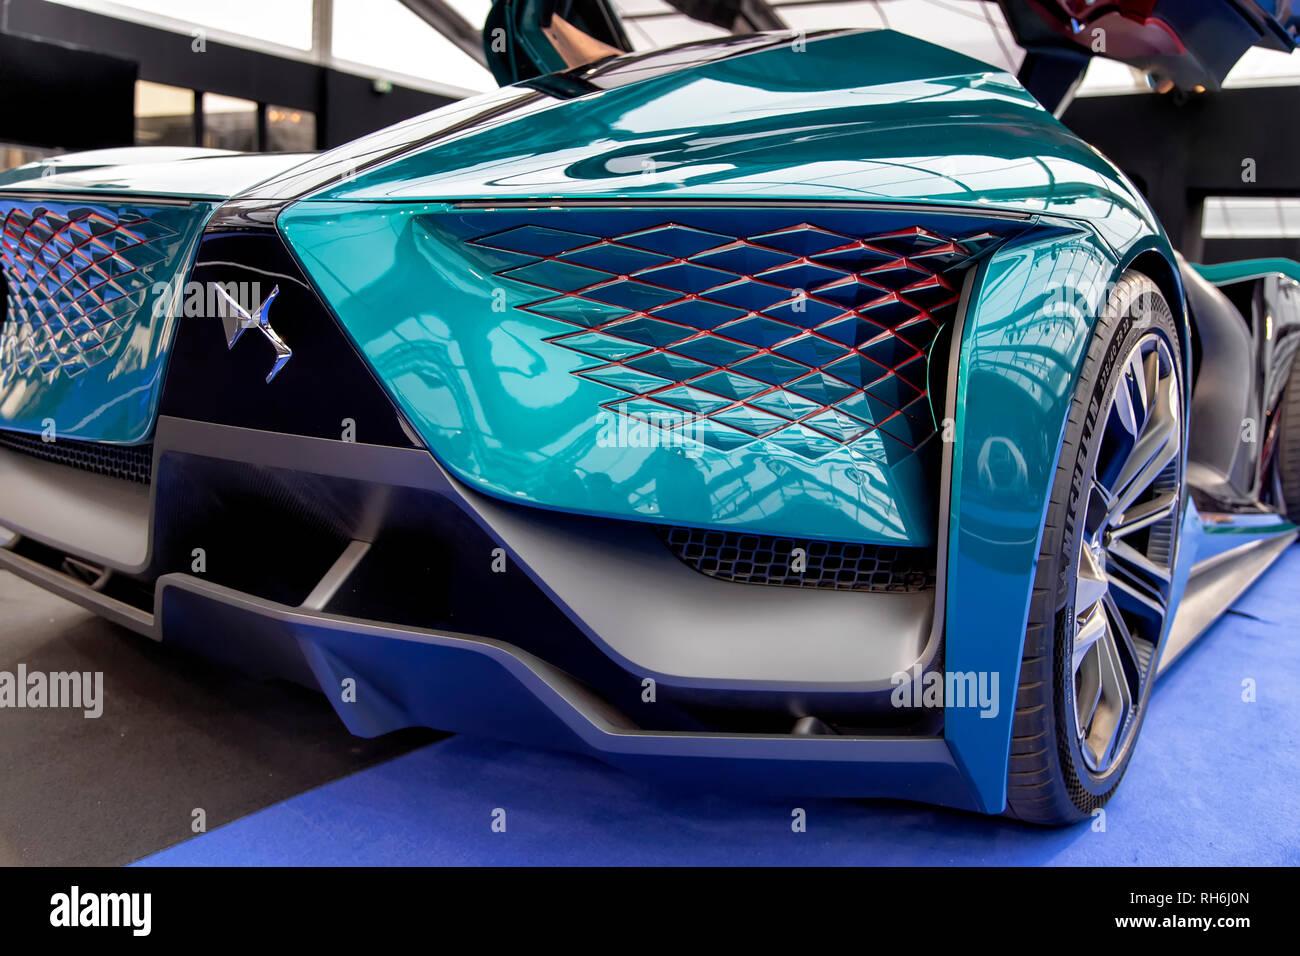 París, Francia. 31 ene, 2019. DS X E-tensa - El Festival Internacional del Automóvil reúne en París el concept cars más bellos realizados por los fabricantes de automóviles, del 30 de enero al 31 de febrero, 2019. Crédito: Bernard Menigault/Alamy Live News Imagen De Stock